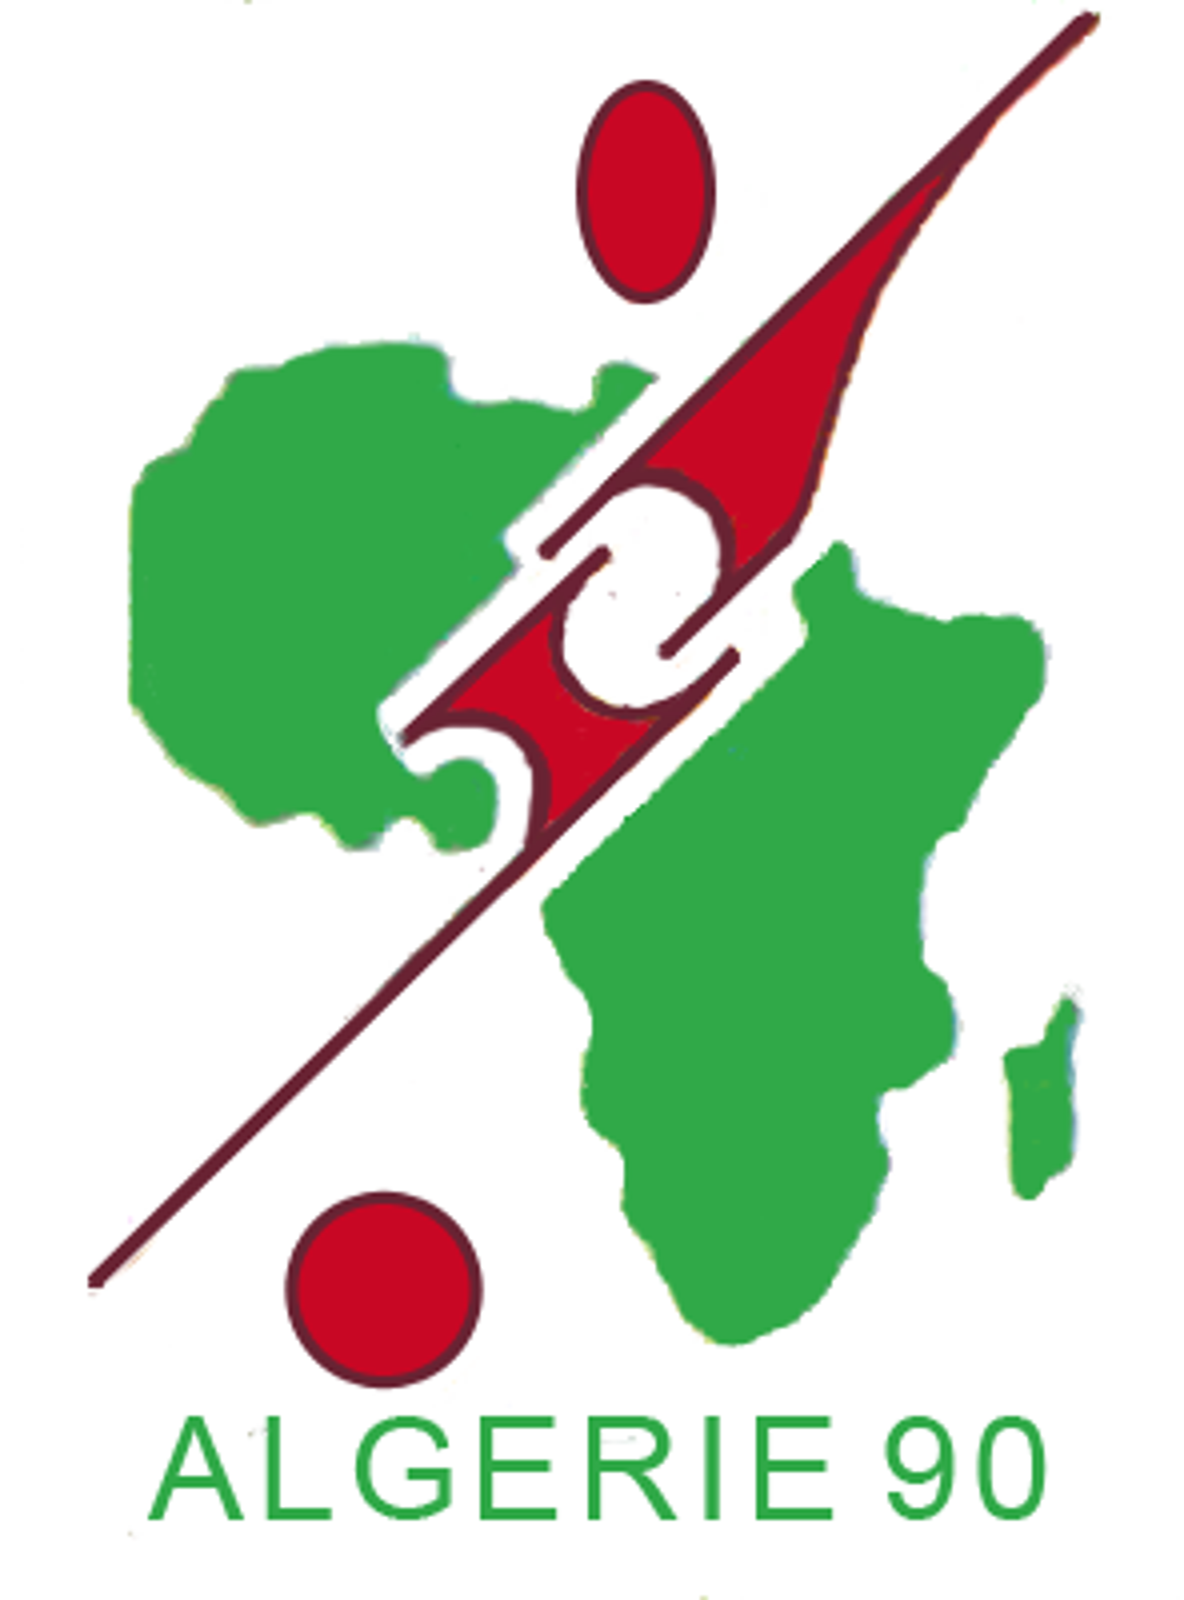 Coupe d 39 afrique des nations de football 1990 wikip dia - Coupe d afrique wikipedia ...